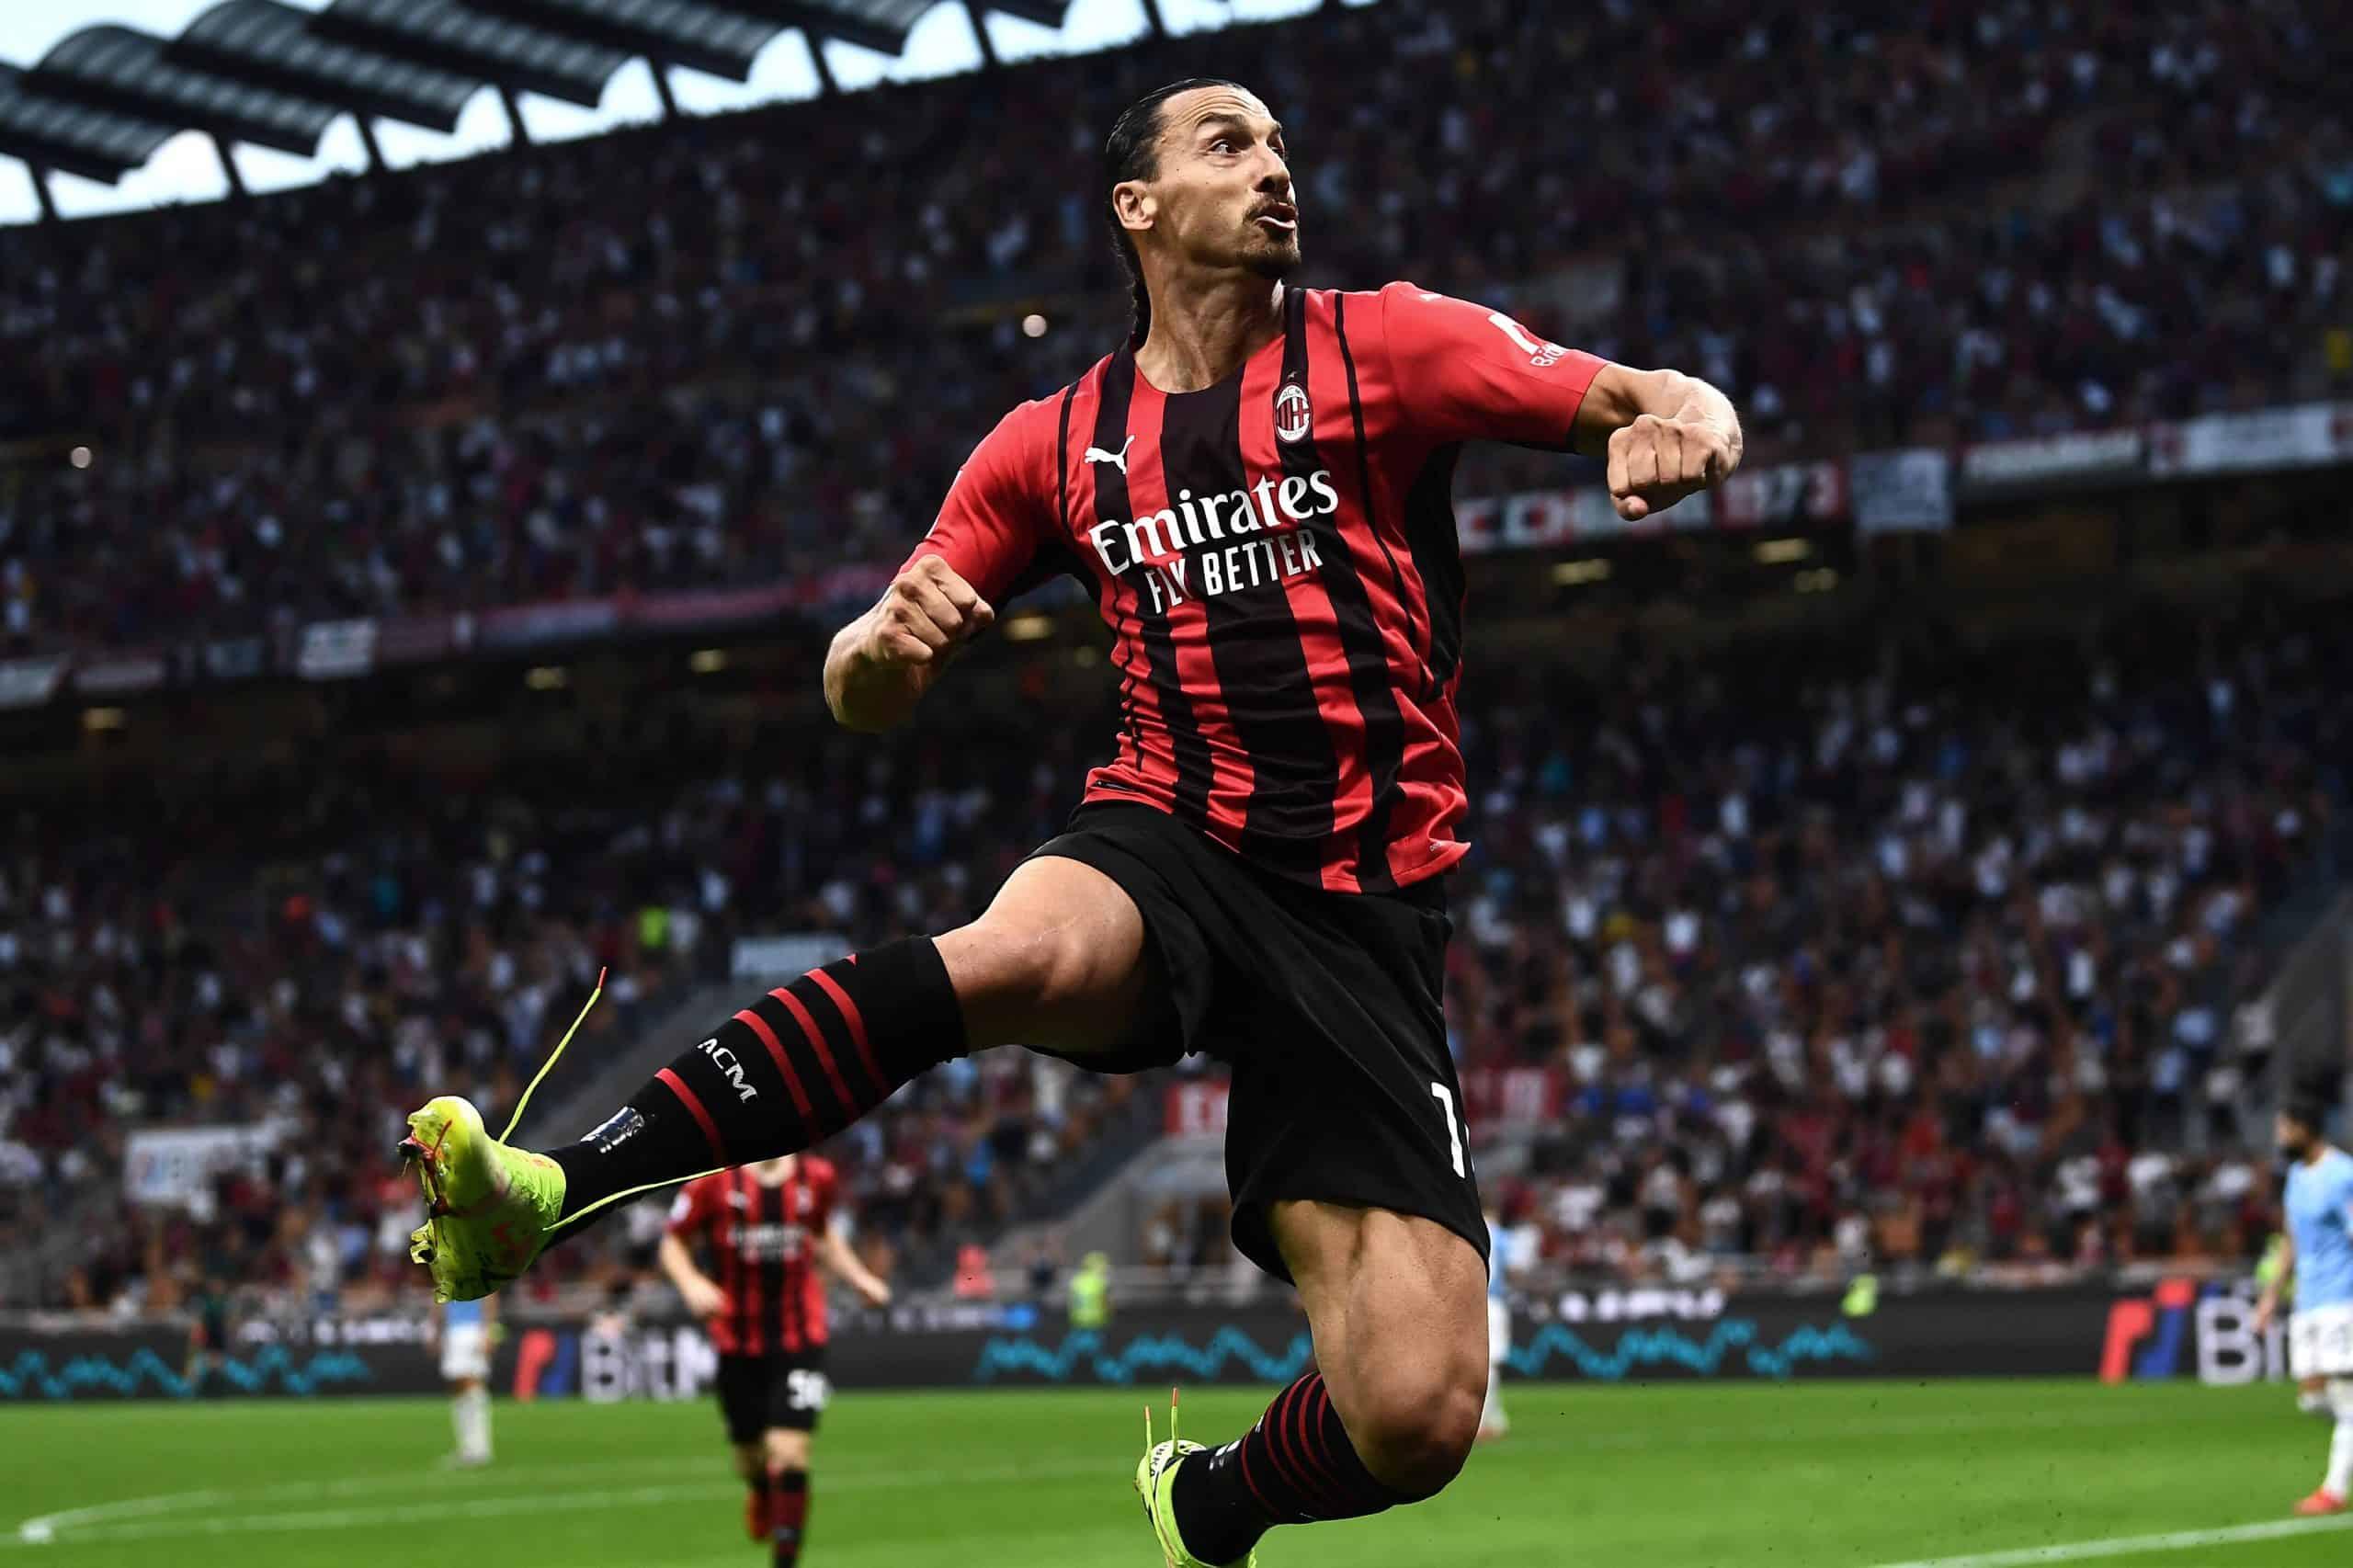 Zlatan regresa a Milan y anotó en 7 minutos en cancha